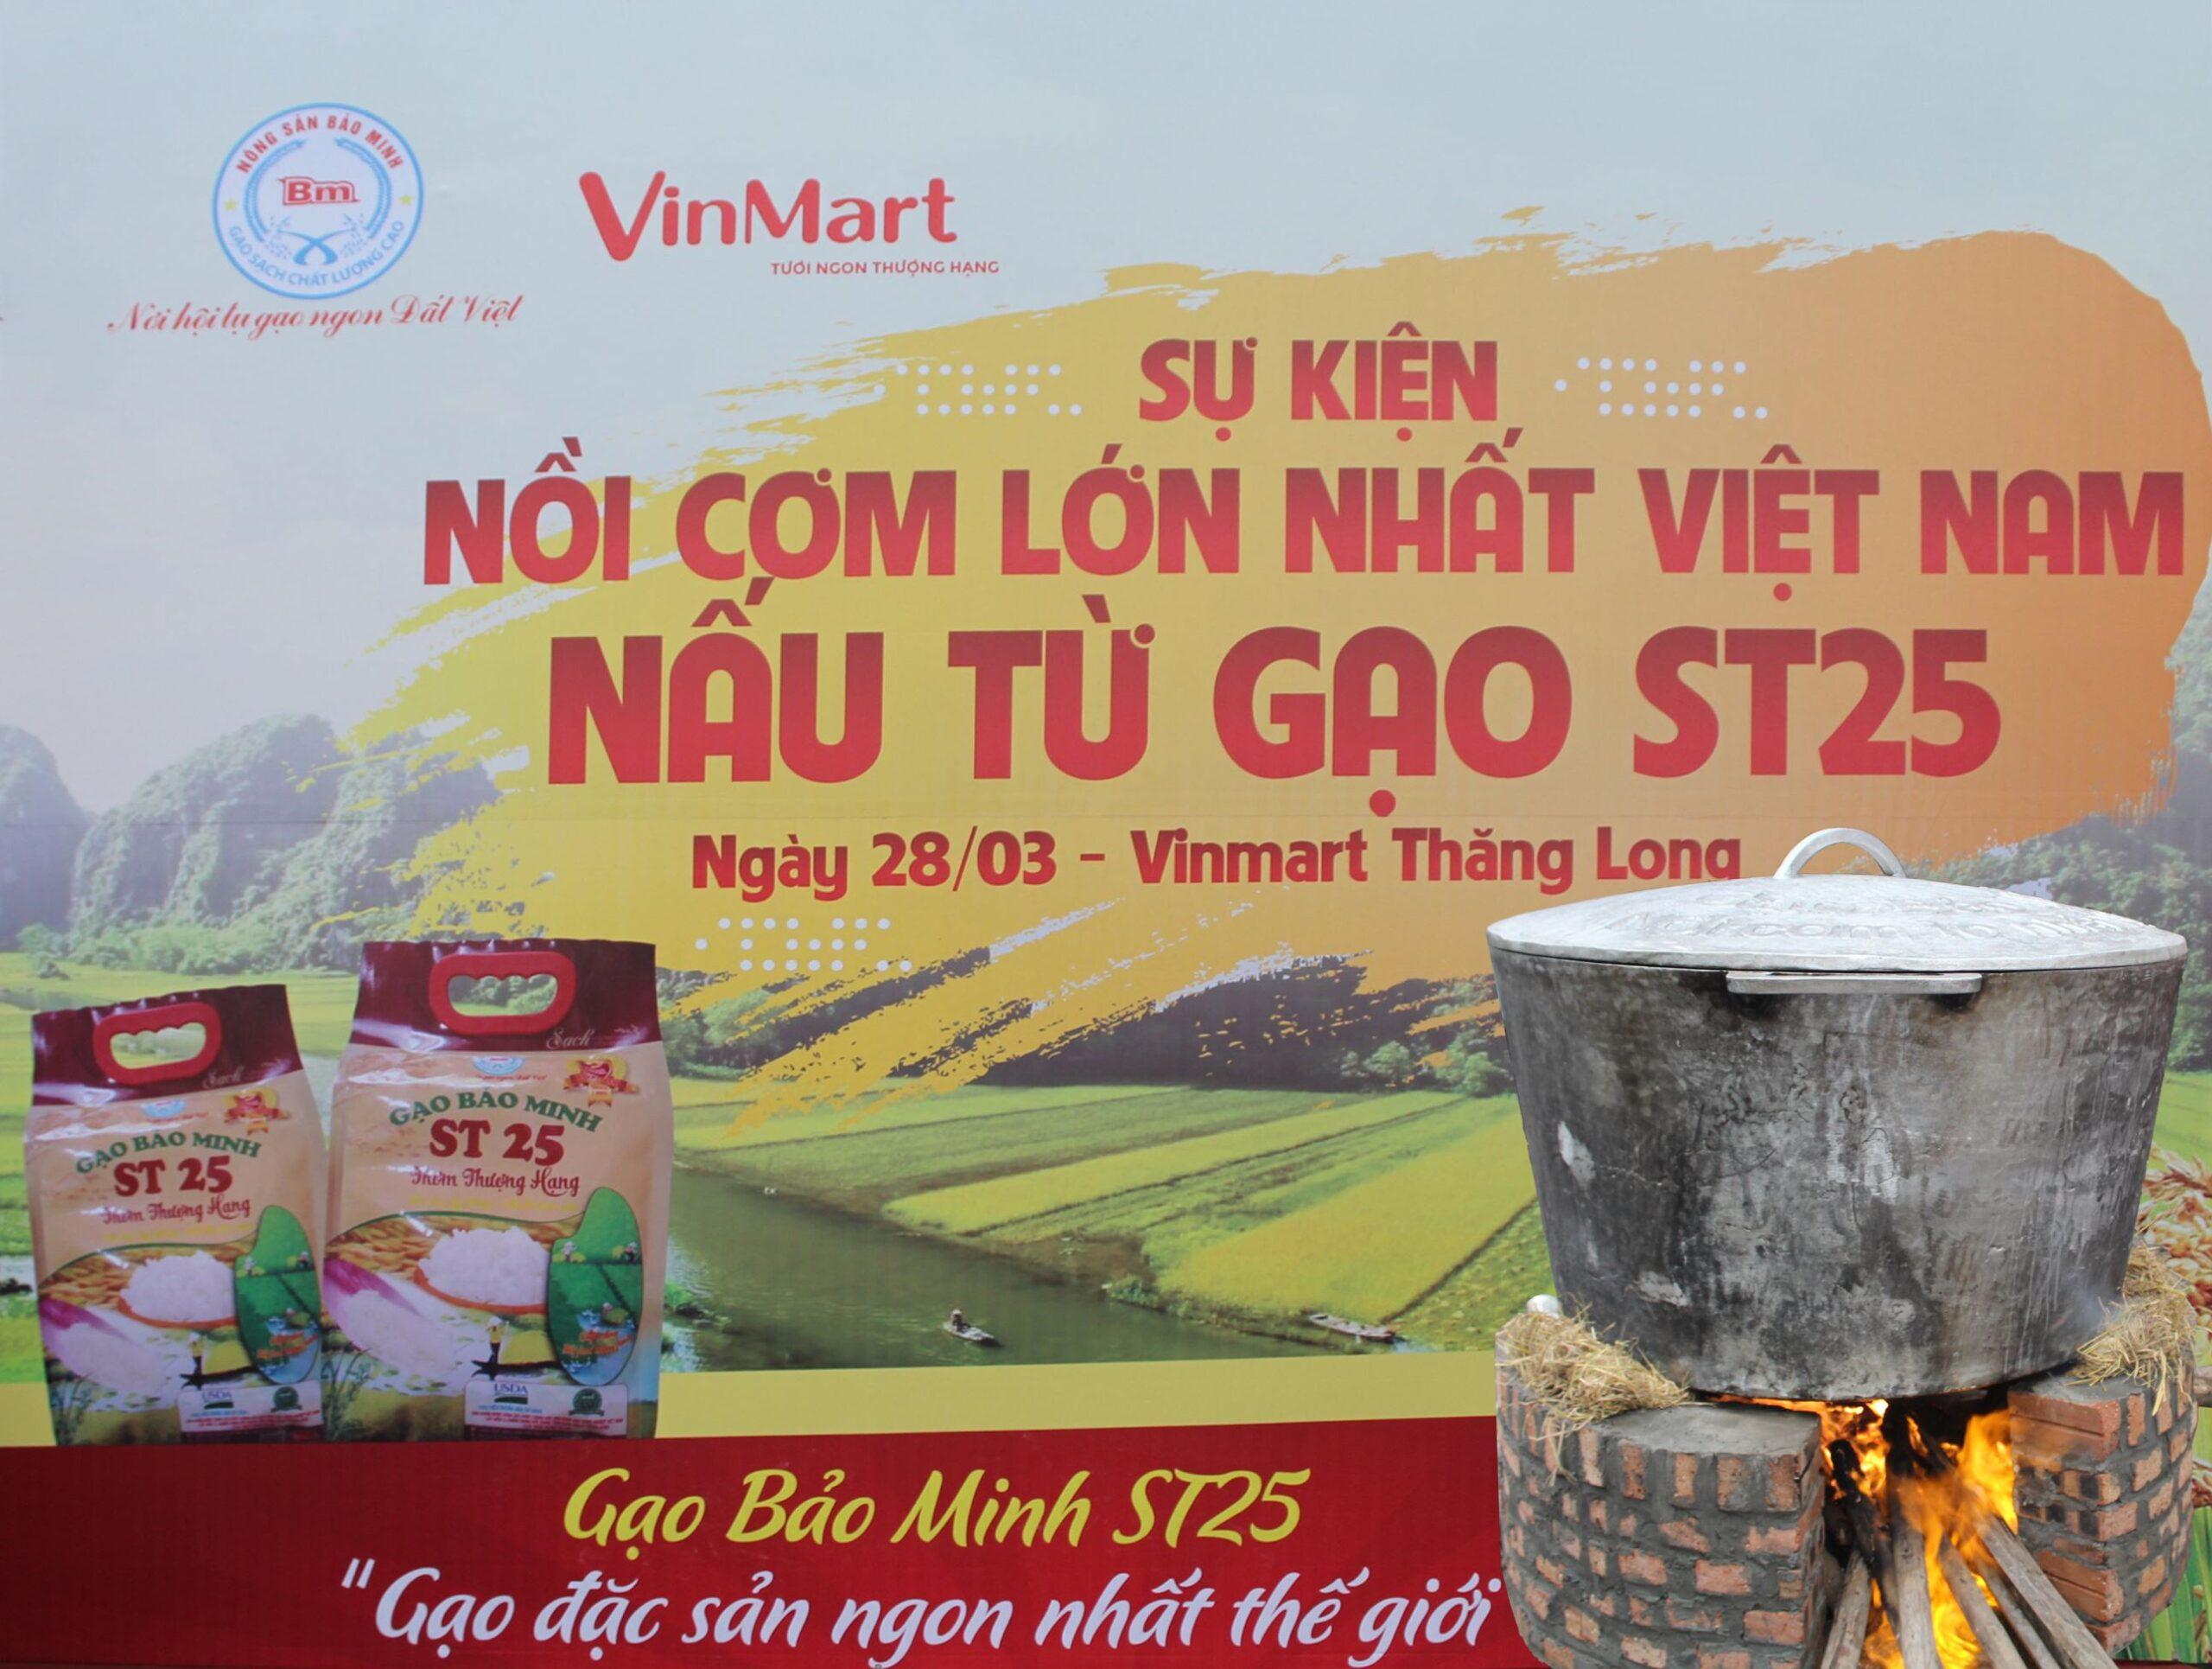 Nồi cơm khổng lồ được nấu từ gạo ST25